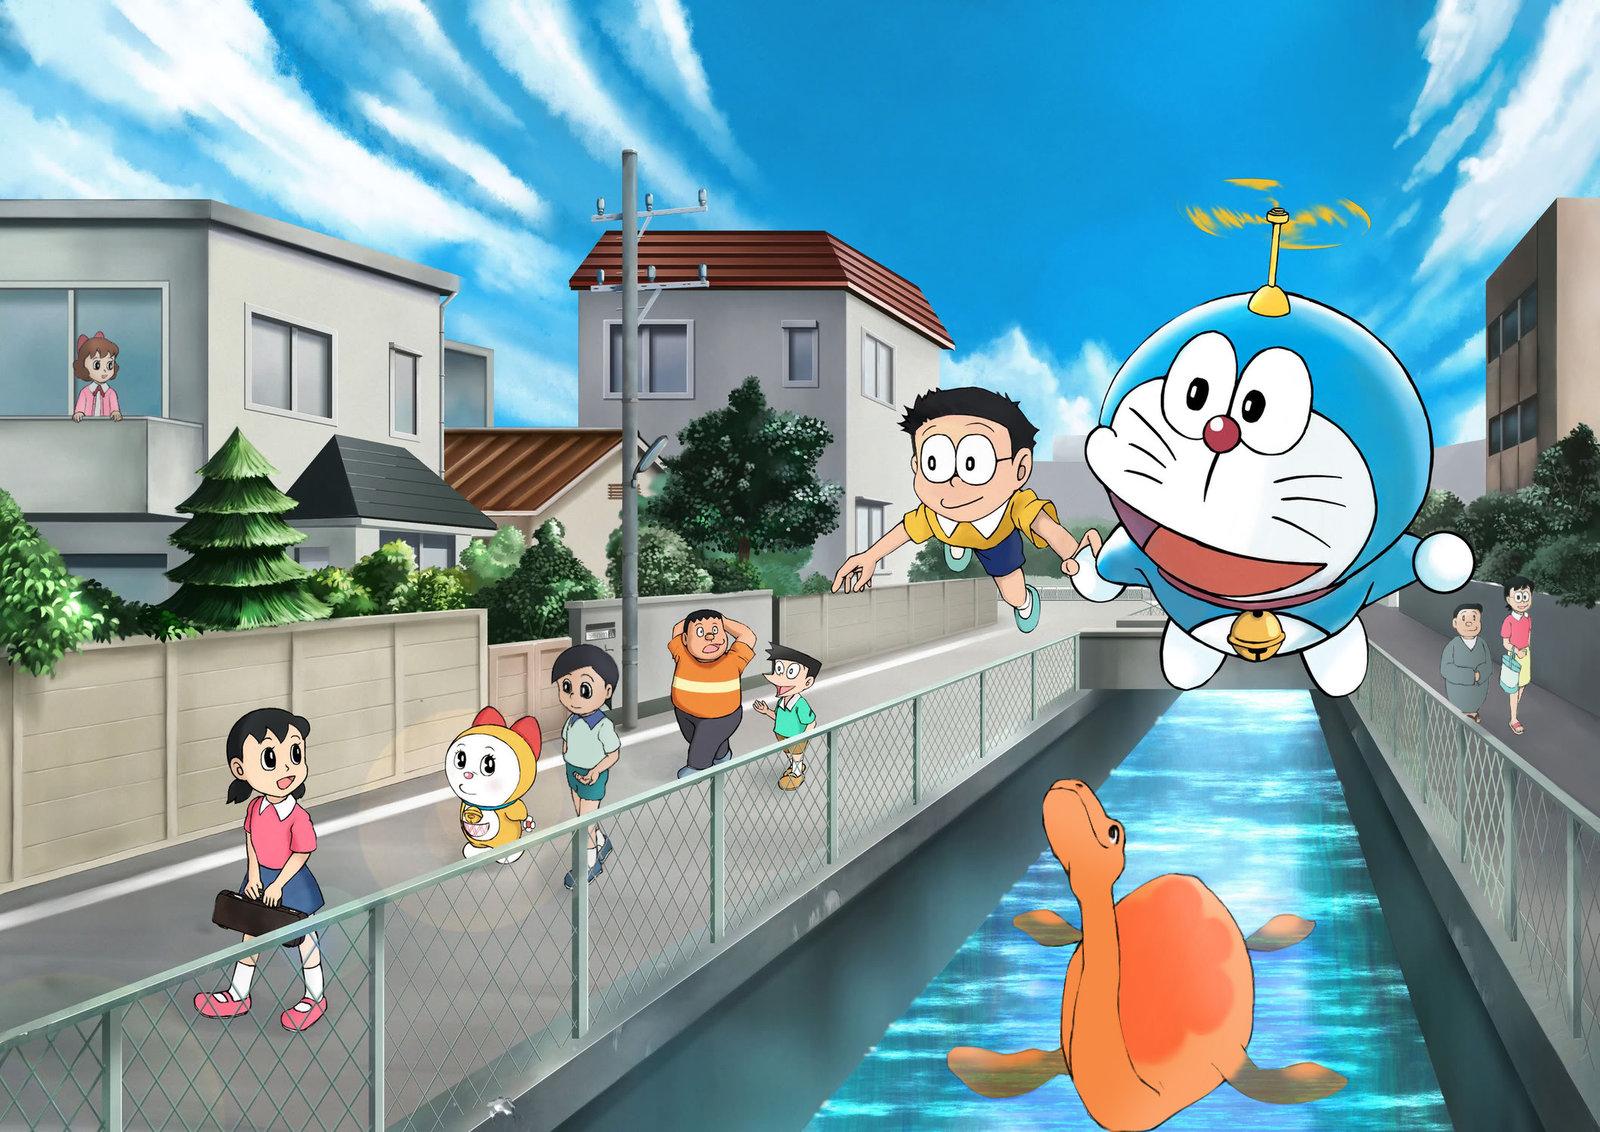 Doraemon sea life picture doraemon sea life wallpaper doraemon fotos voltagebd Images